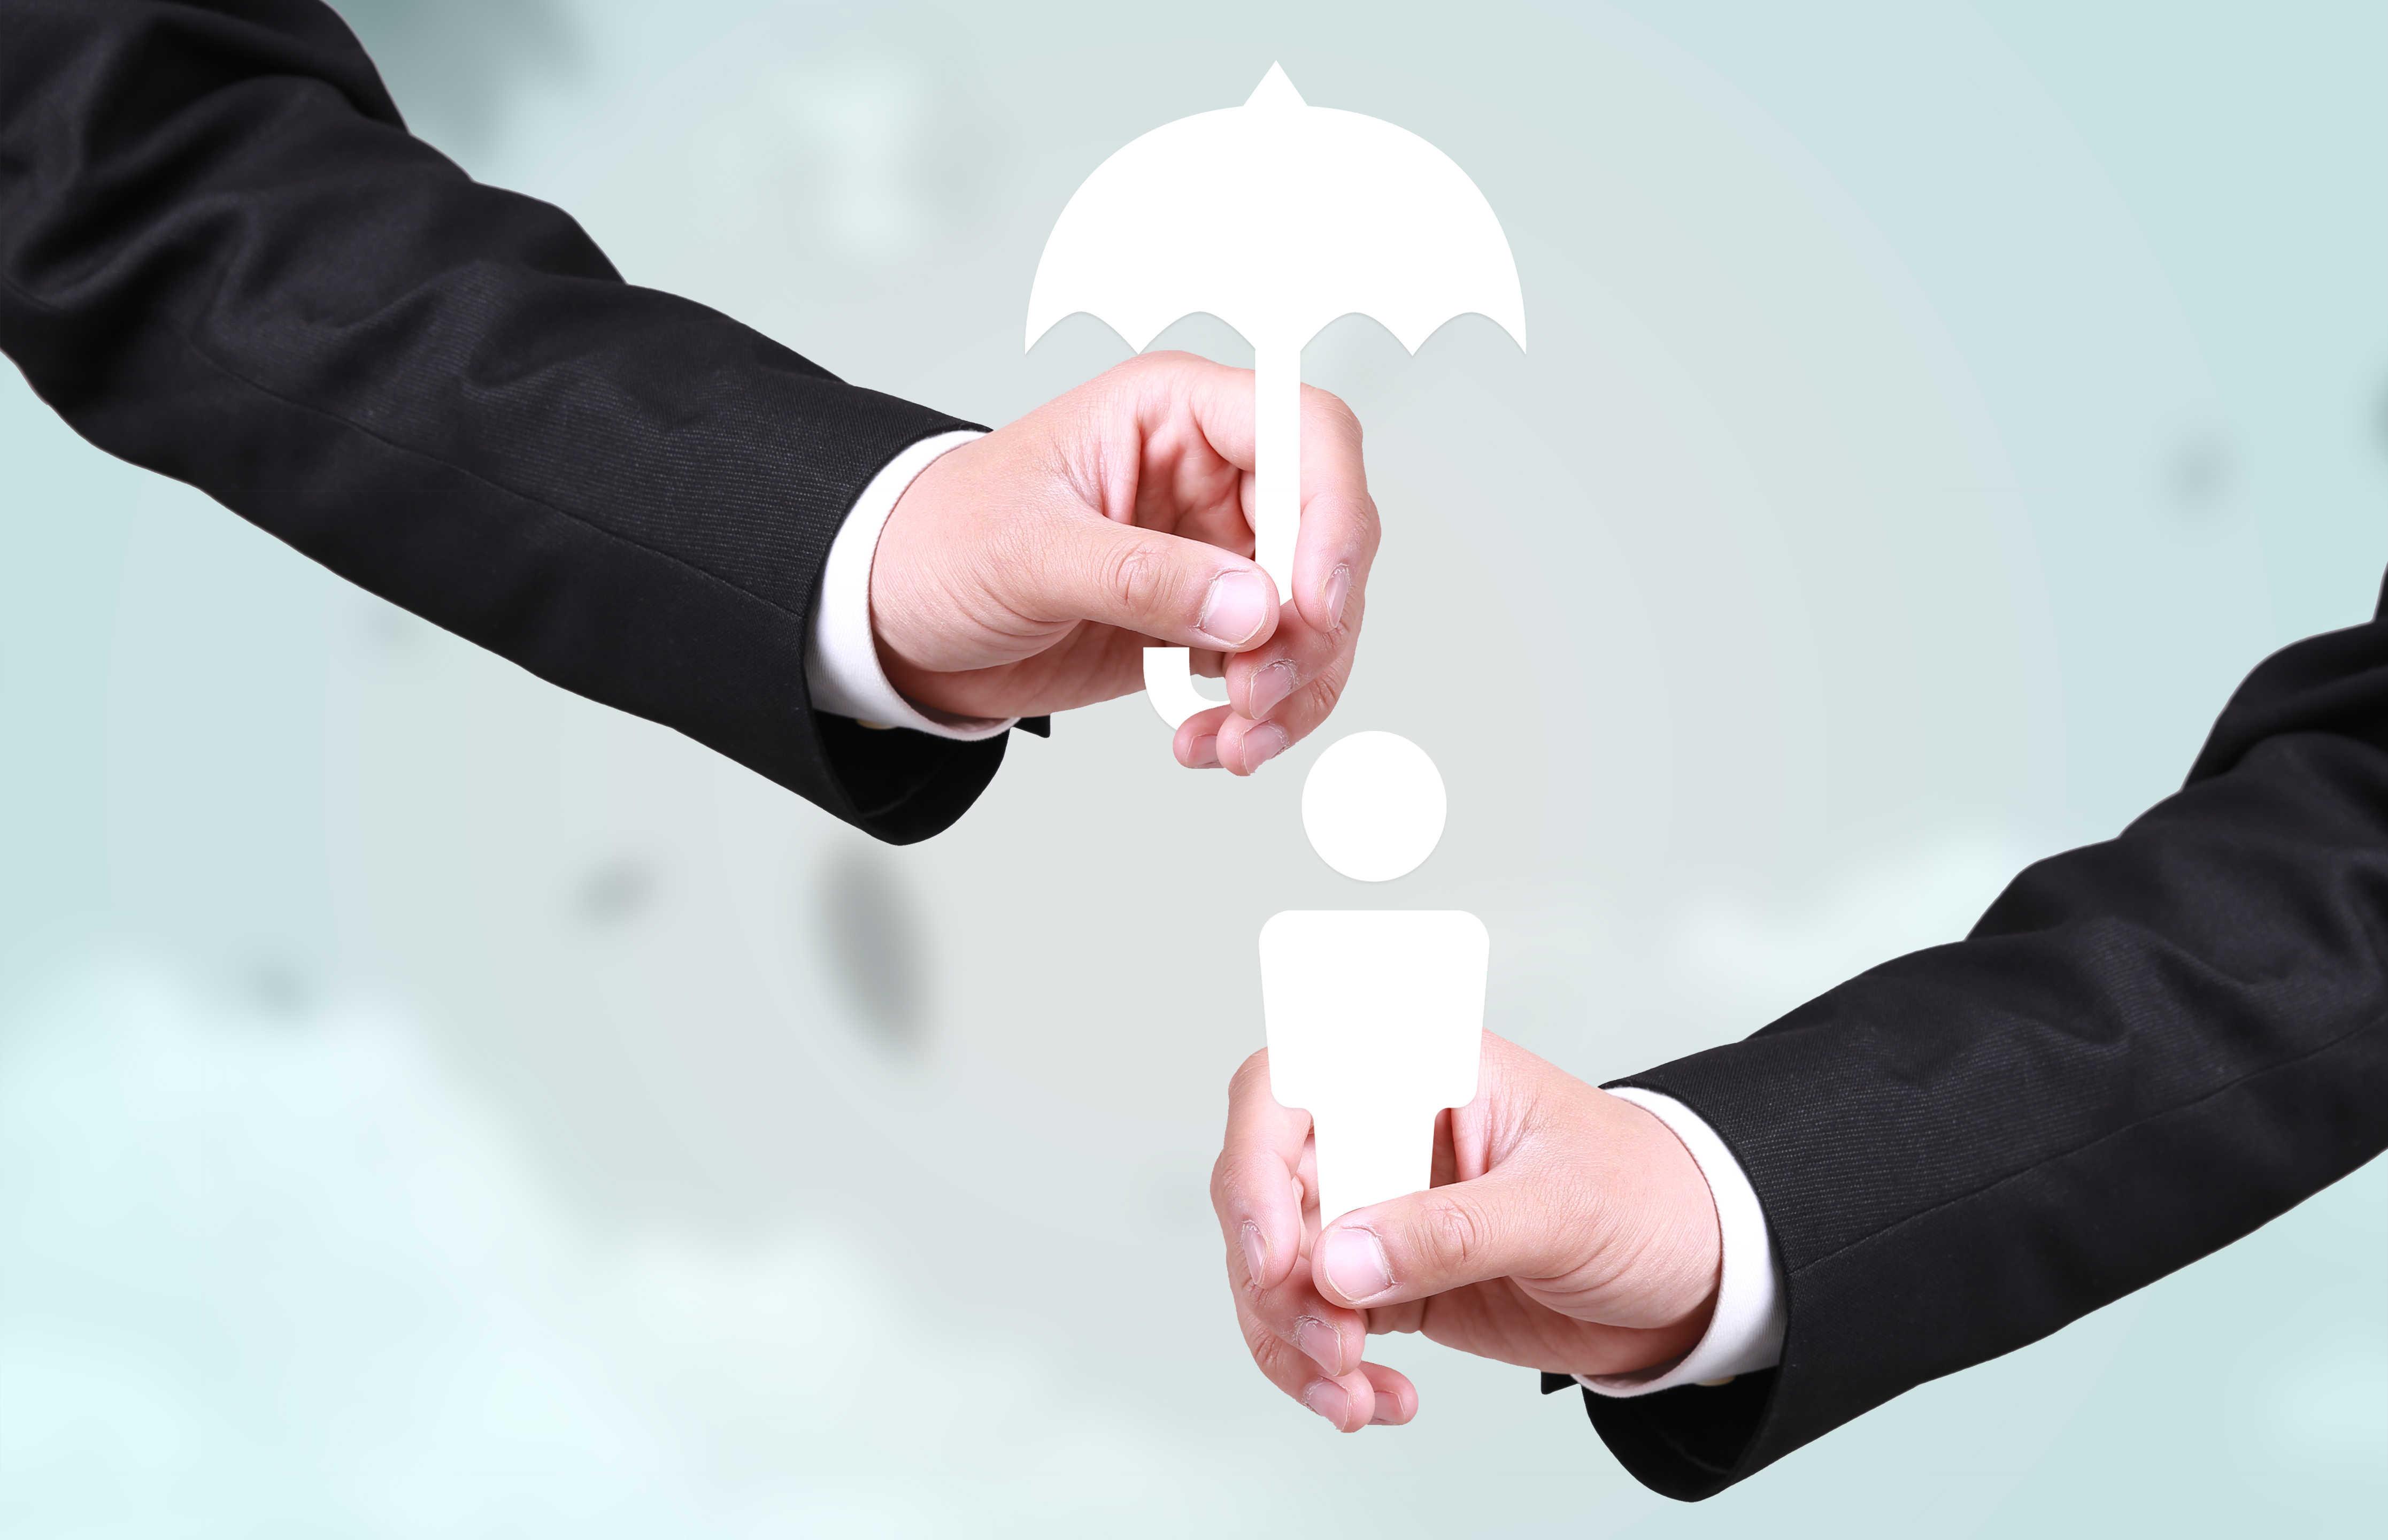 企业社保转移,企业社保转移能转哪些,社保转移需要哪些材料,企业社会转移常见错误